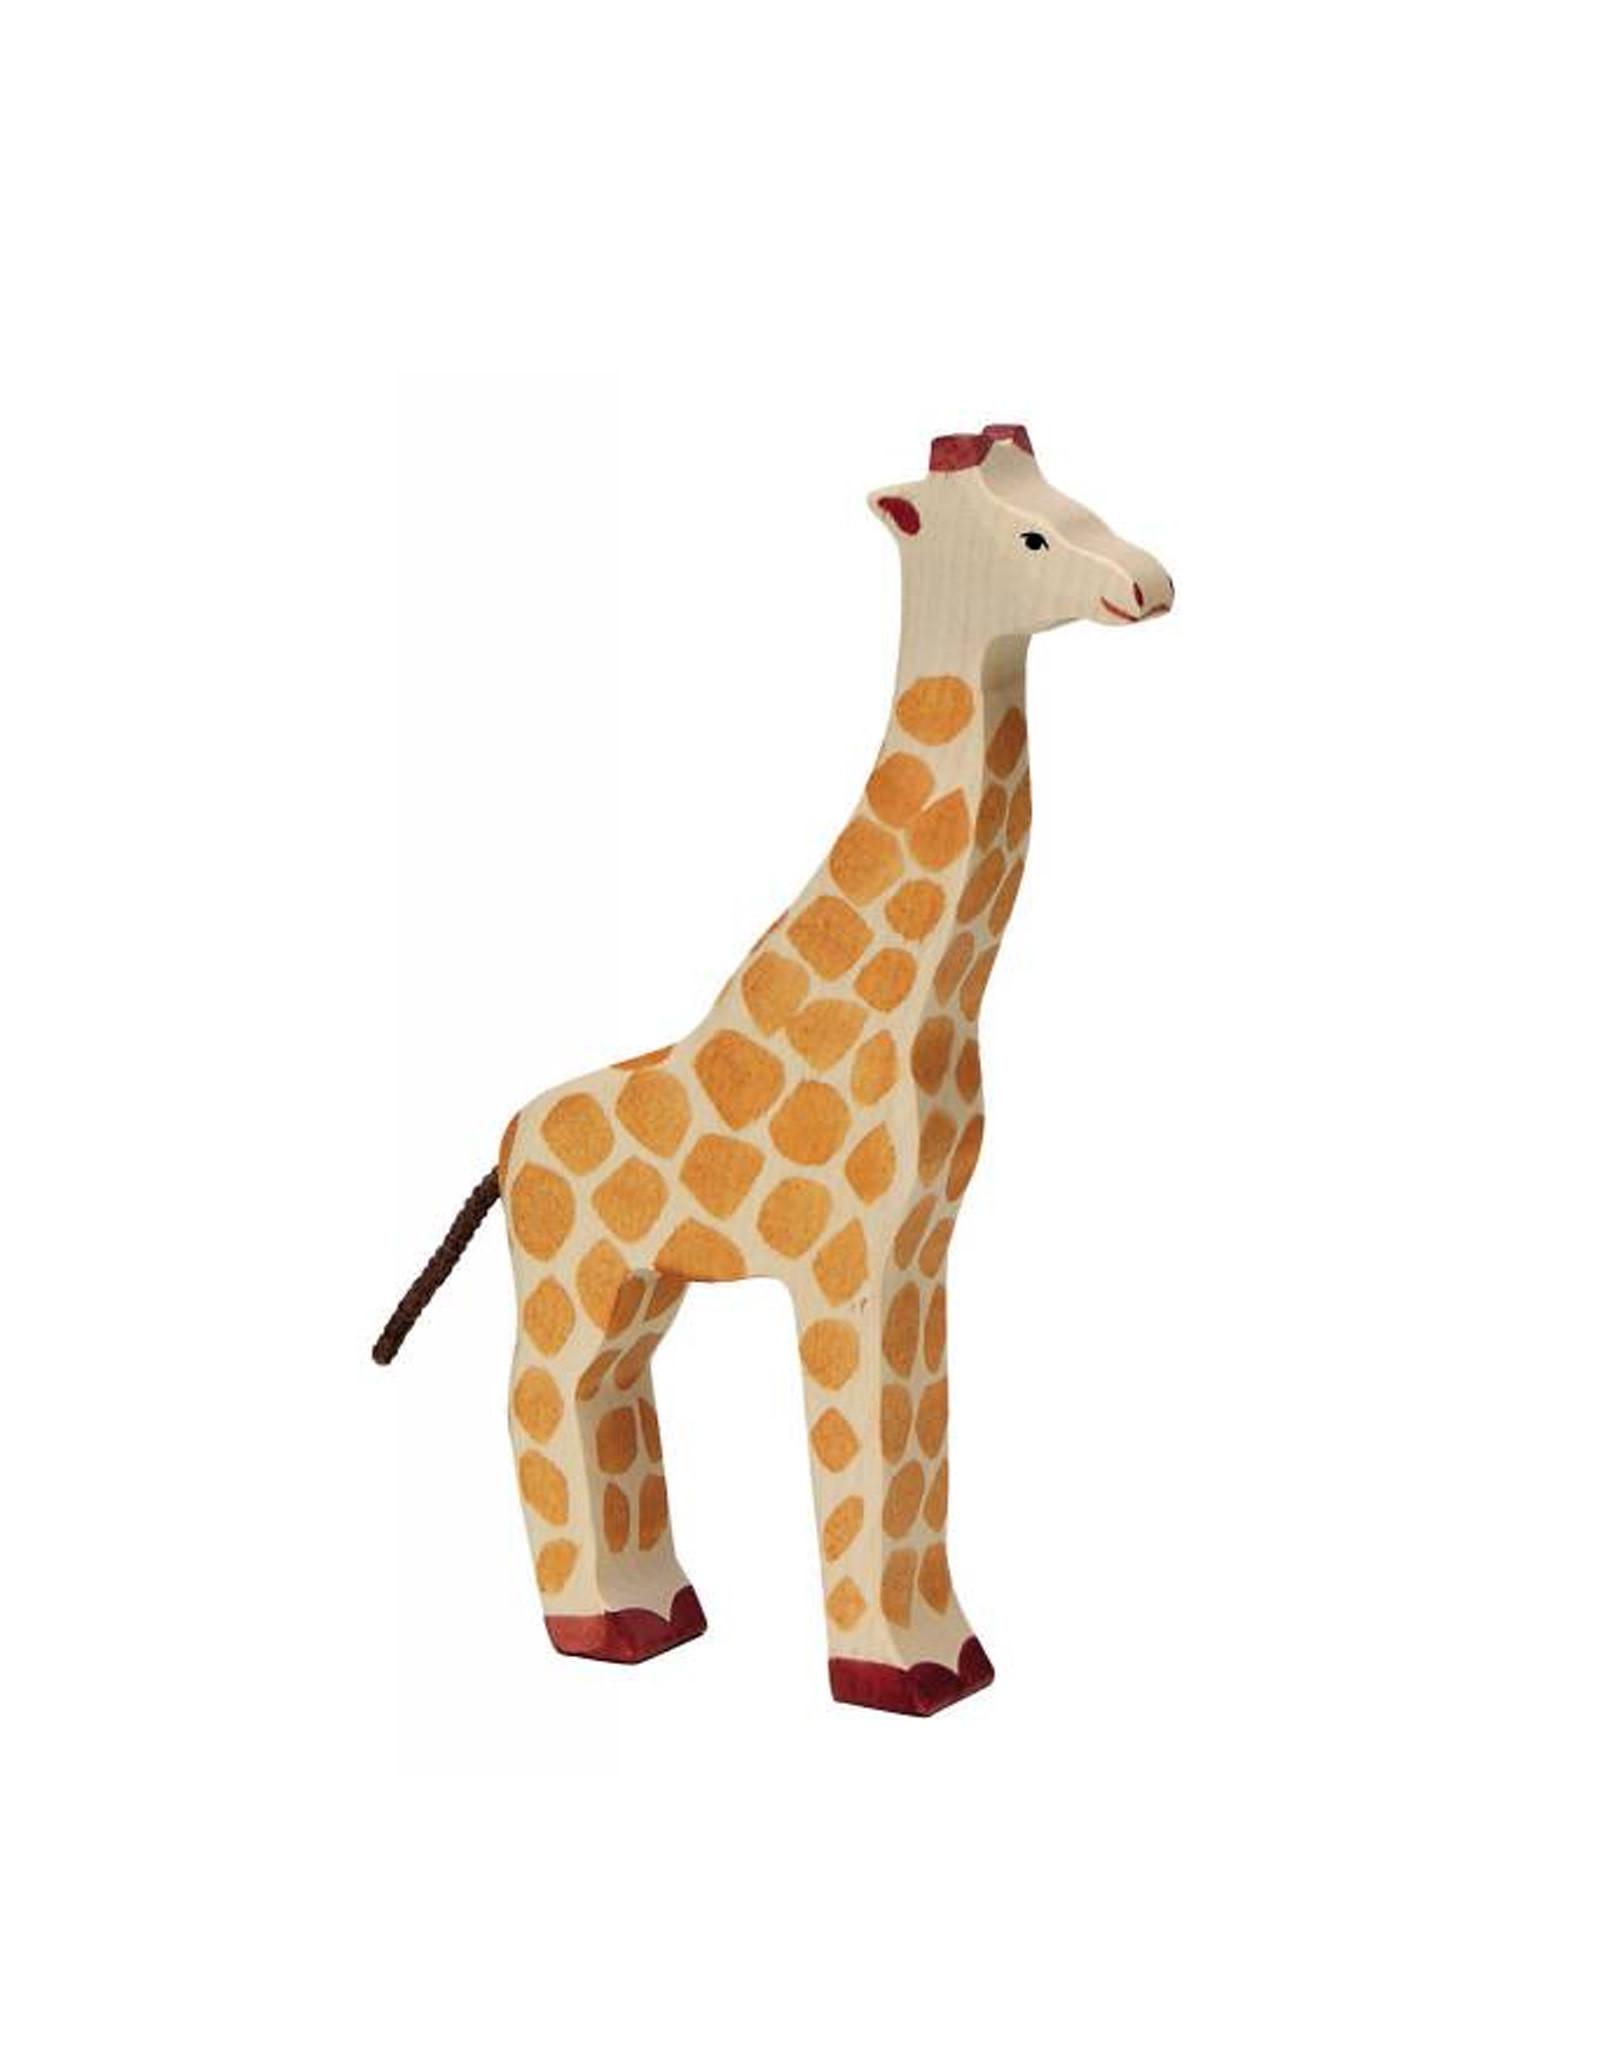 Holztiger Wooden animal - Giraffe